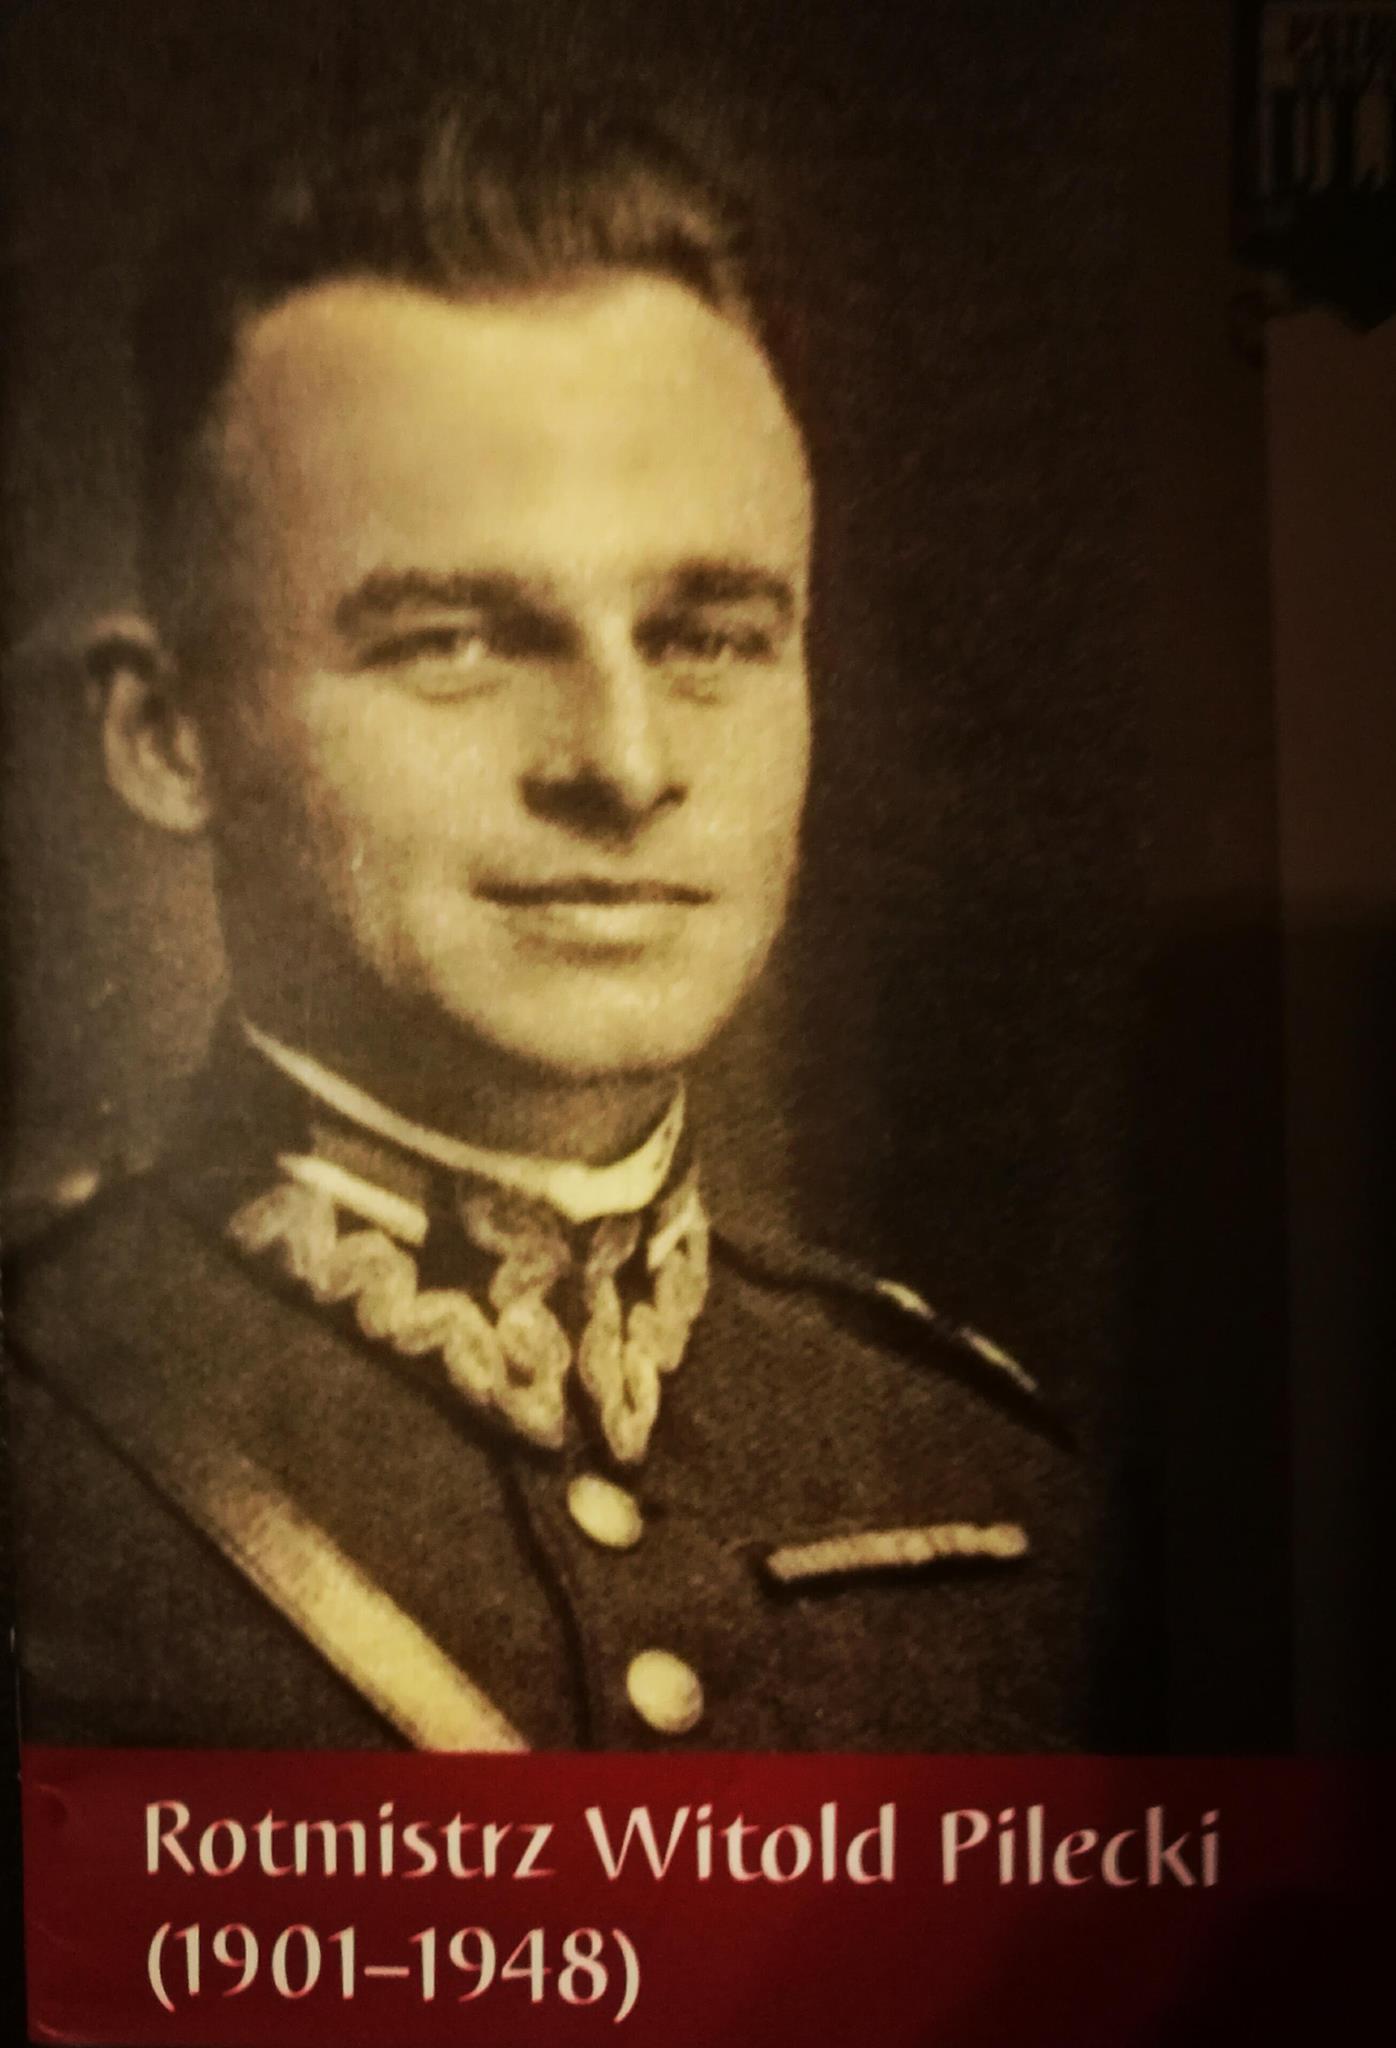 Szkolny konkurs historyczny wiedzy o Rotmistrzu Witoldzie Pileckim. Bieg Tropem Wilczym.